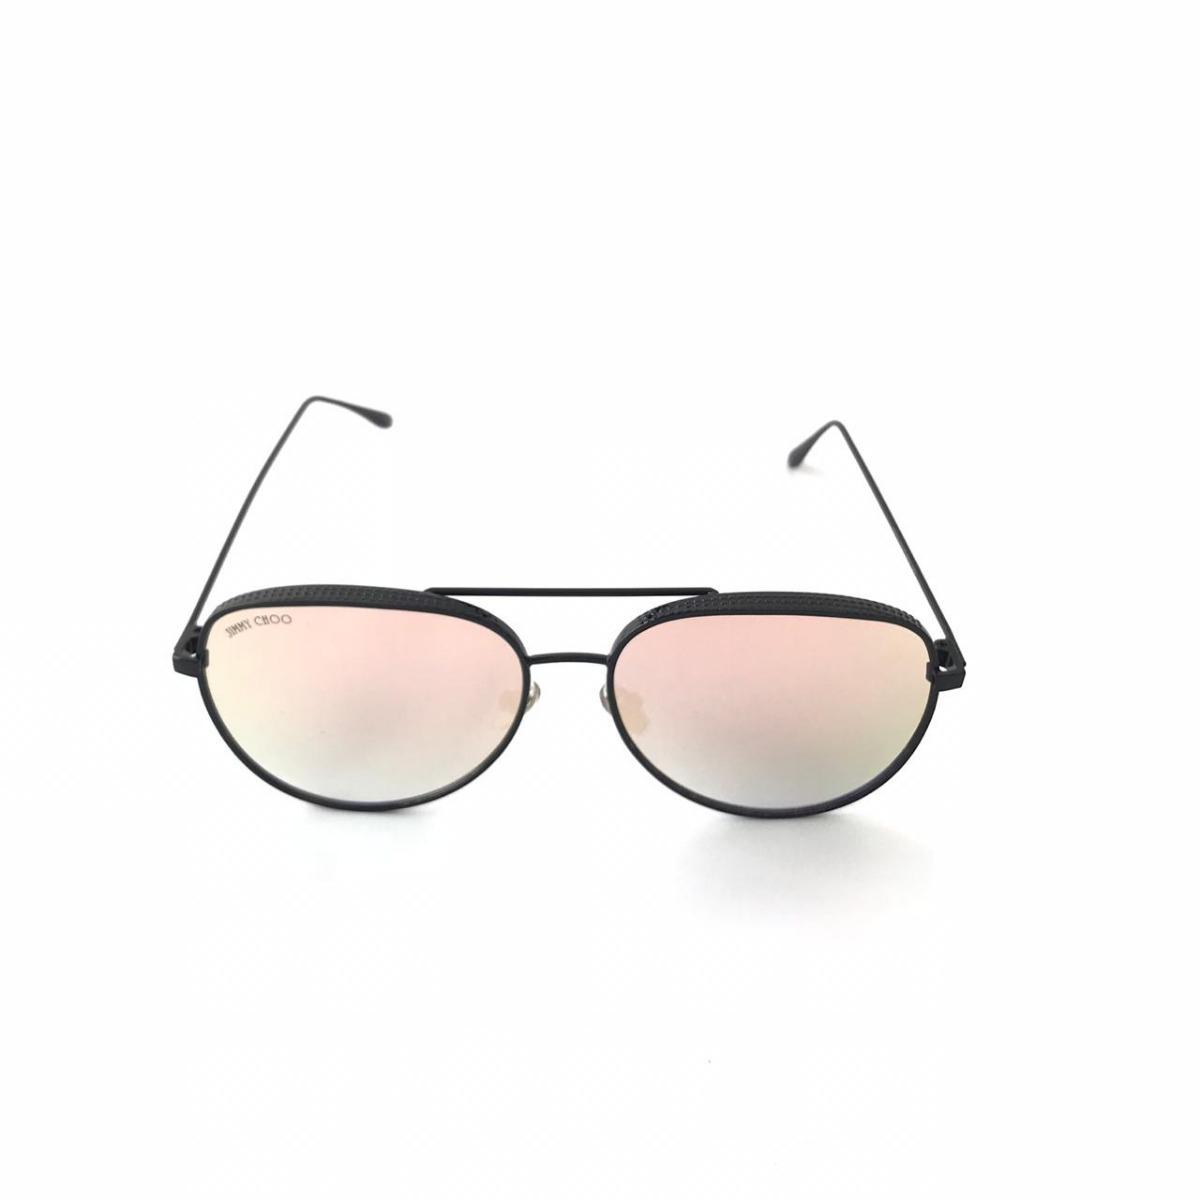 b28a43036 óculos de sol feminino blogueiras promoção black friday 2018. Carregando  zoom.